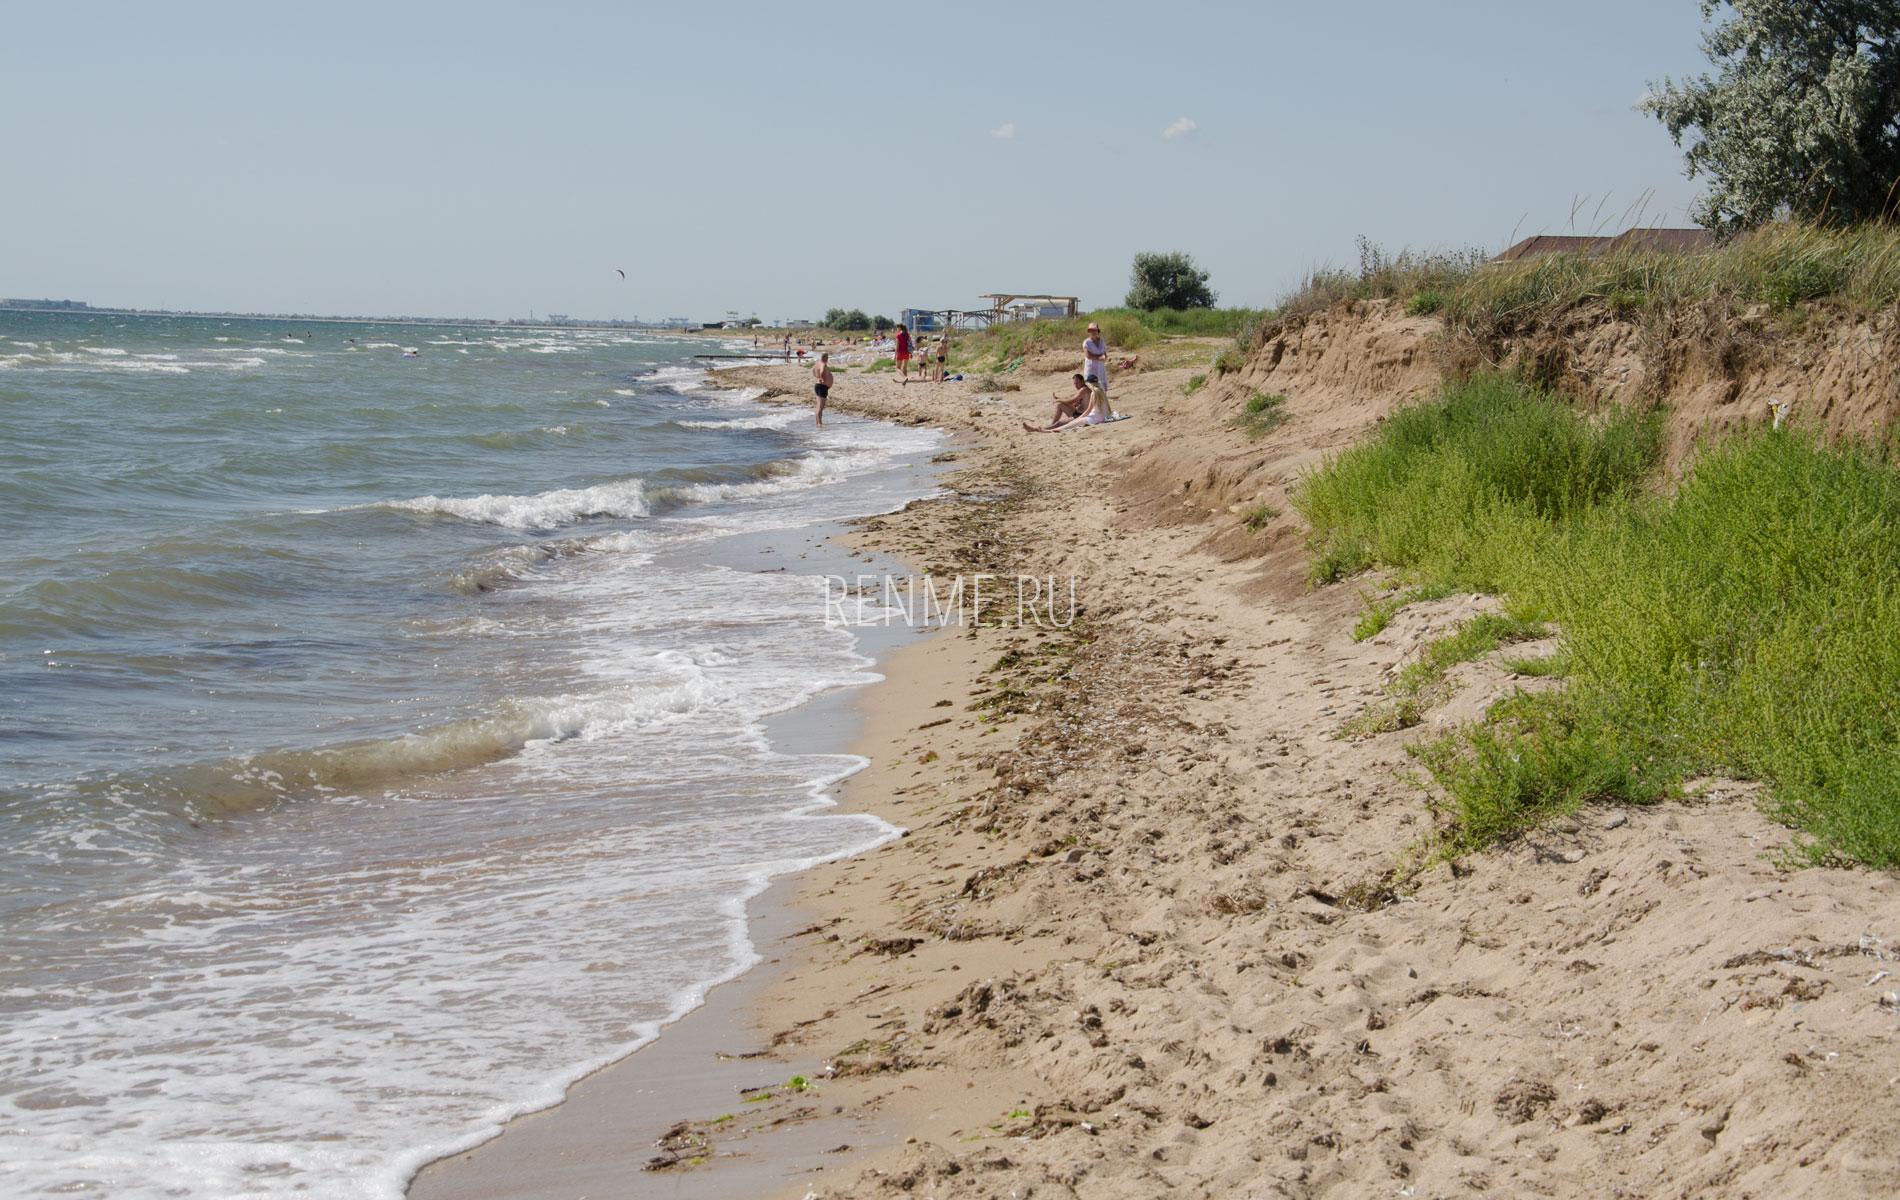 Дикий пляж в Заозерном, Евпатория. Фото Заозёрного